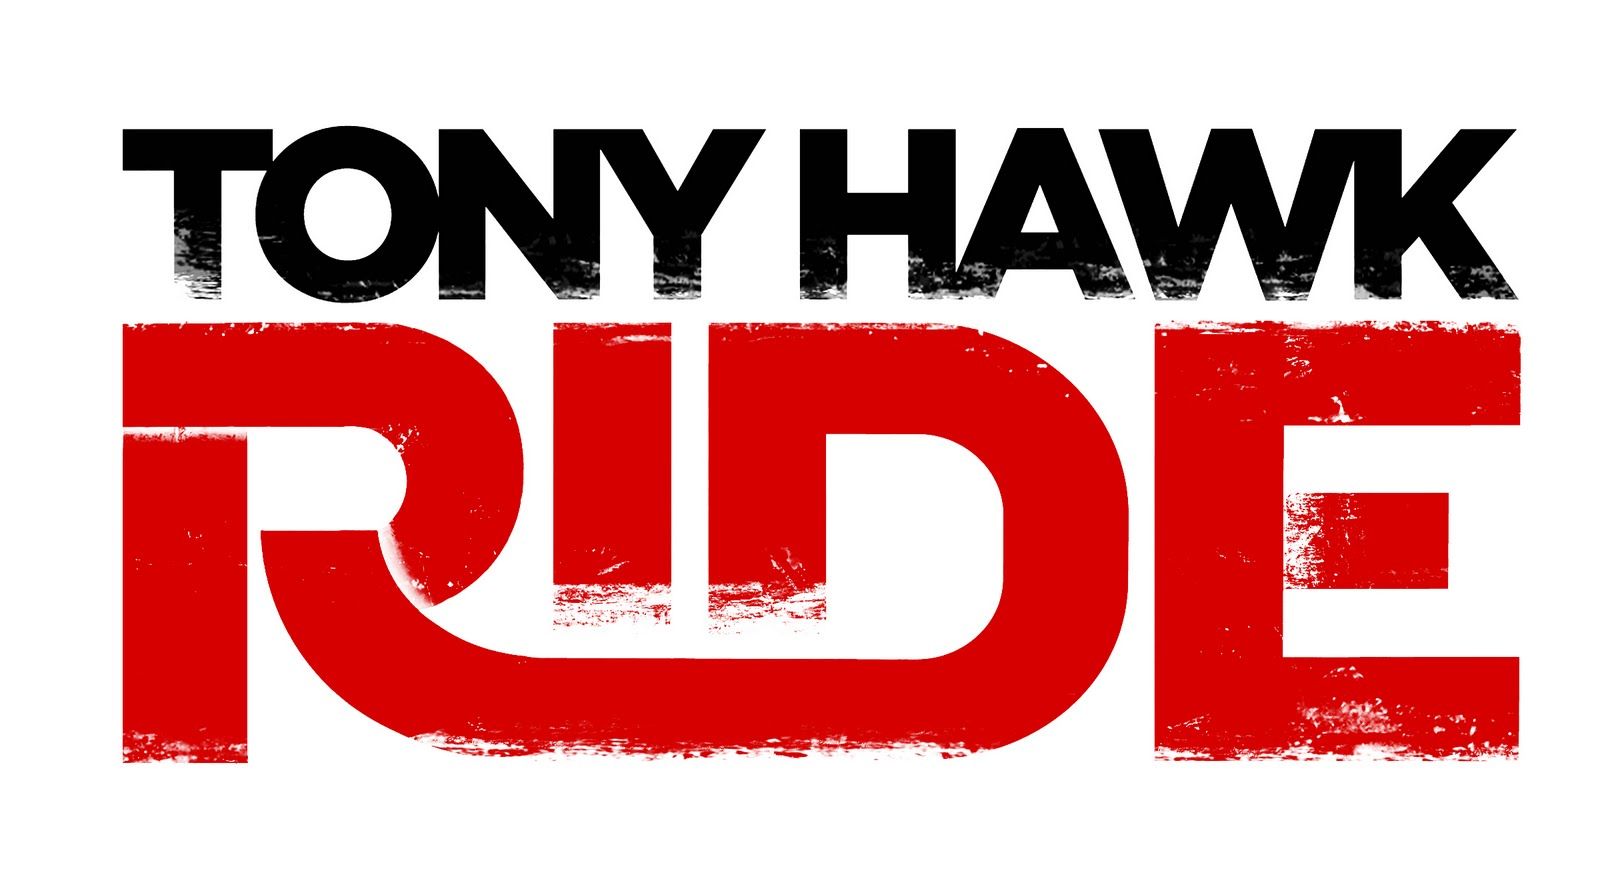 Tony hawk clipart.